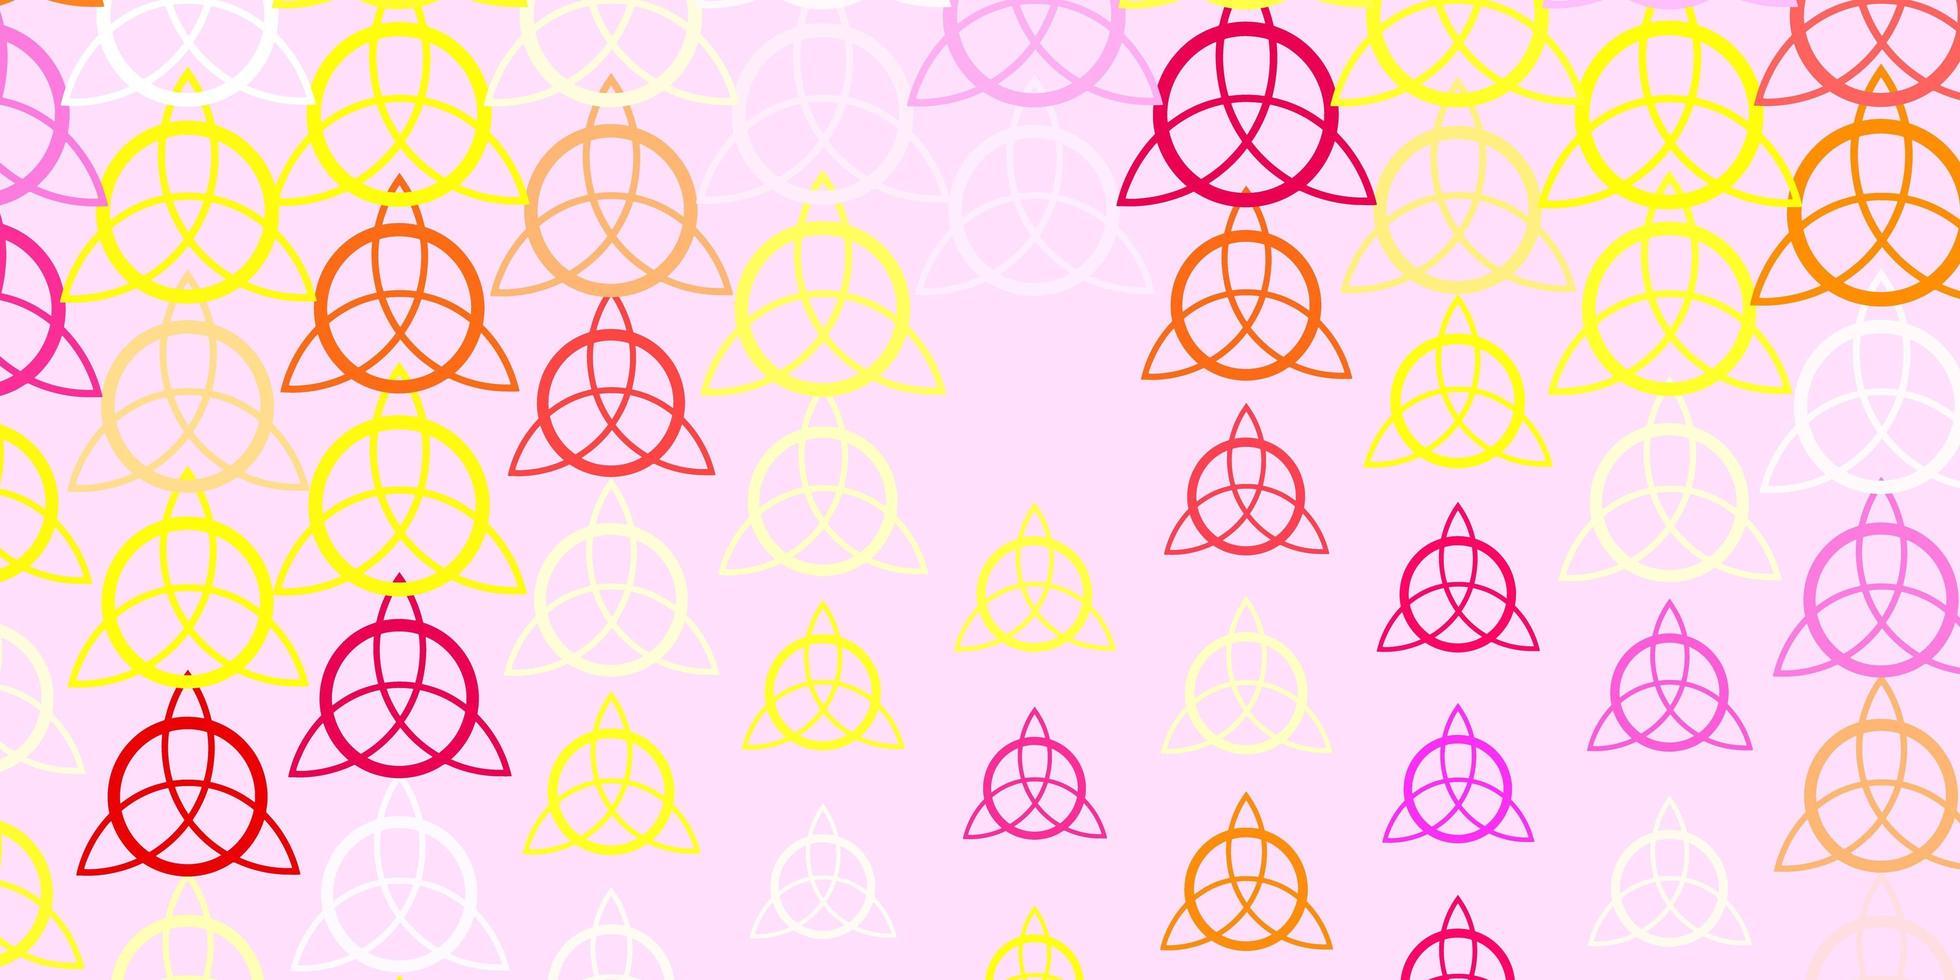 lichtpaarse vector sjabloon met esoterische tekens.